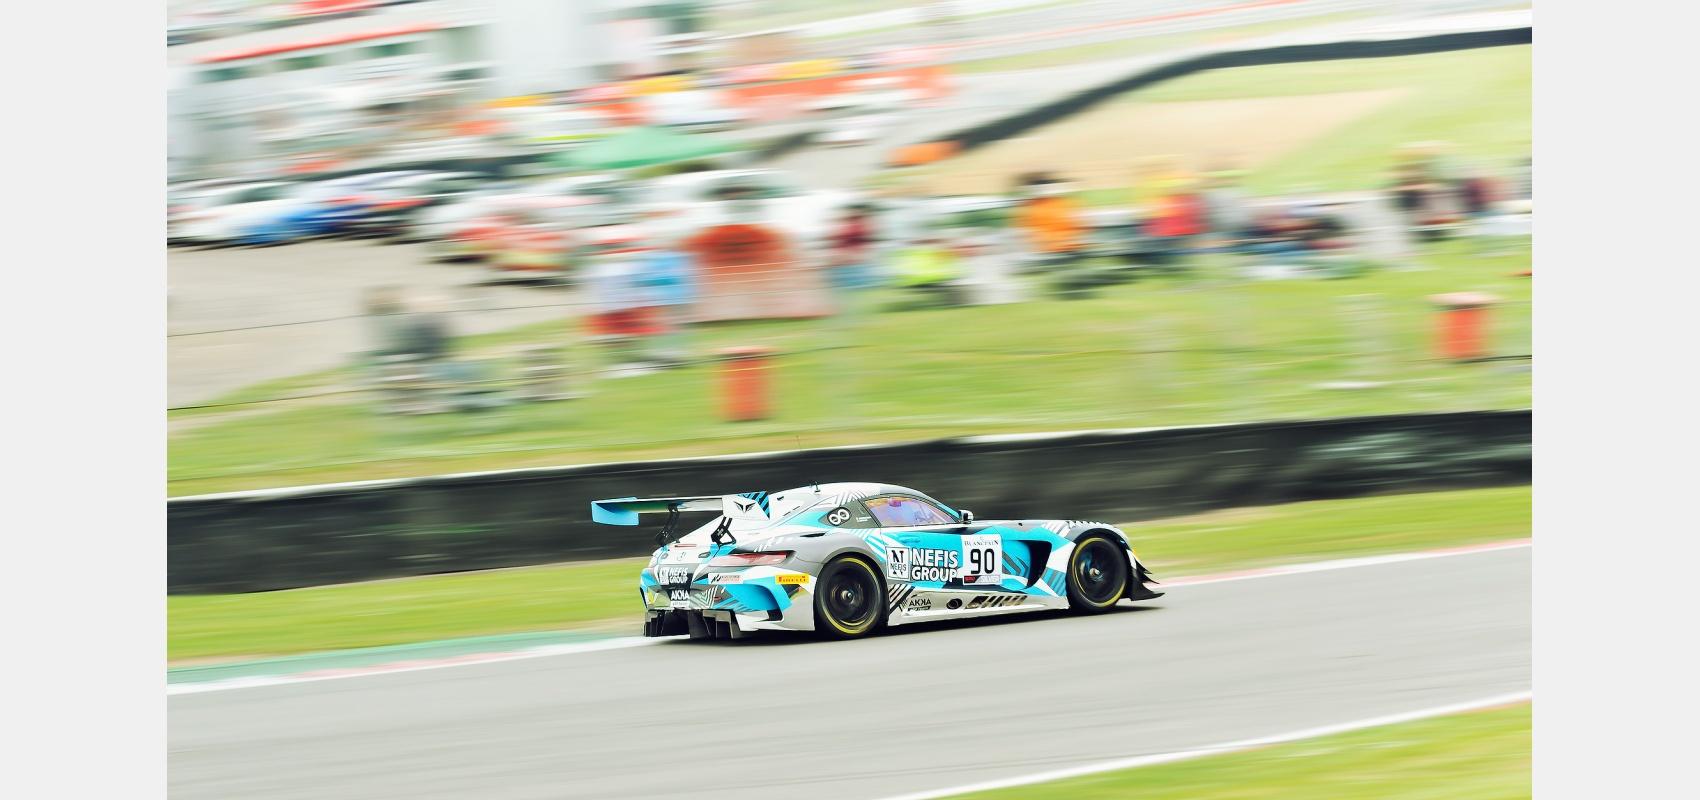 Motorsport - Blancpain GT Series Mercedes AMG GT3 at speed.